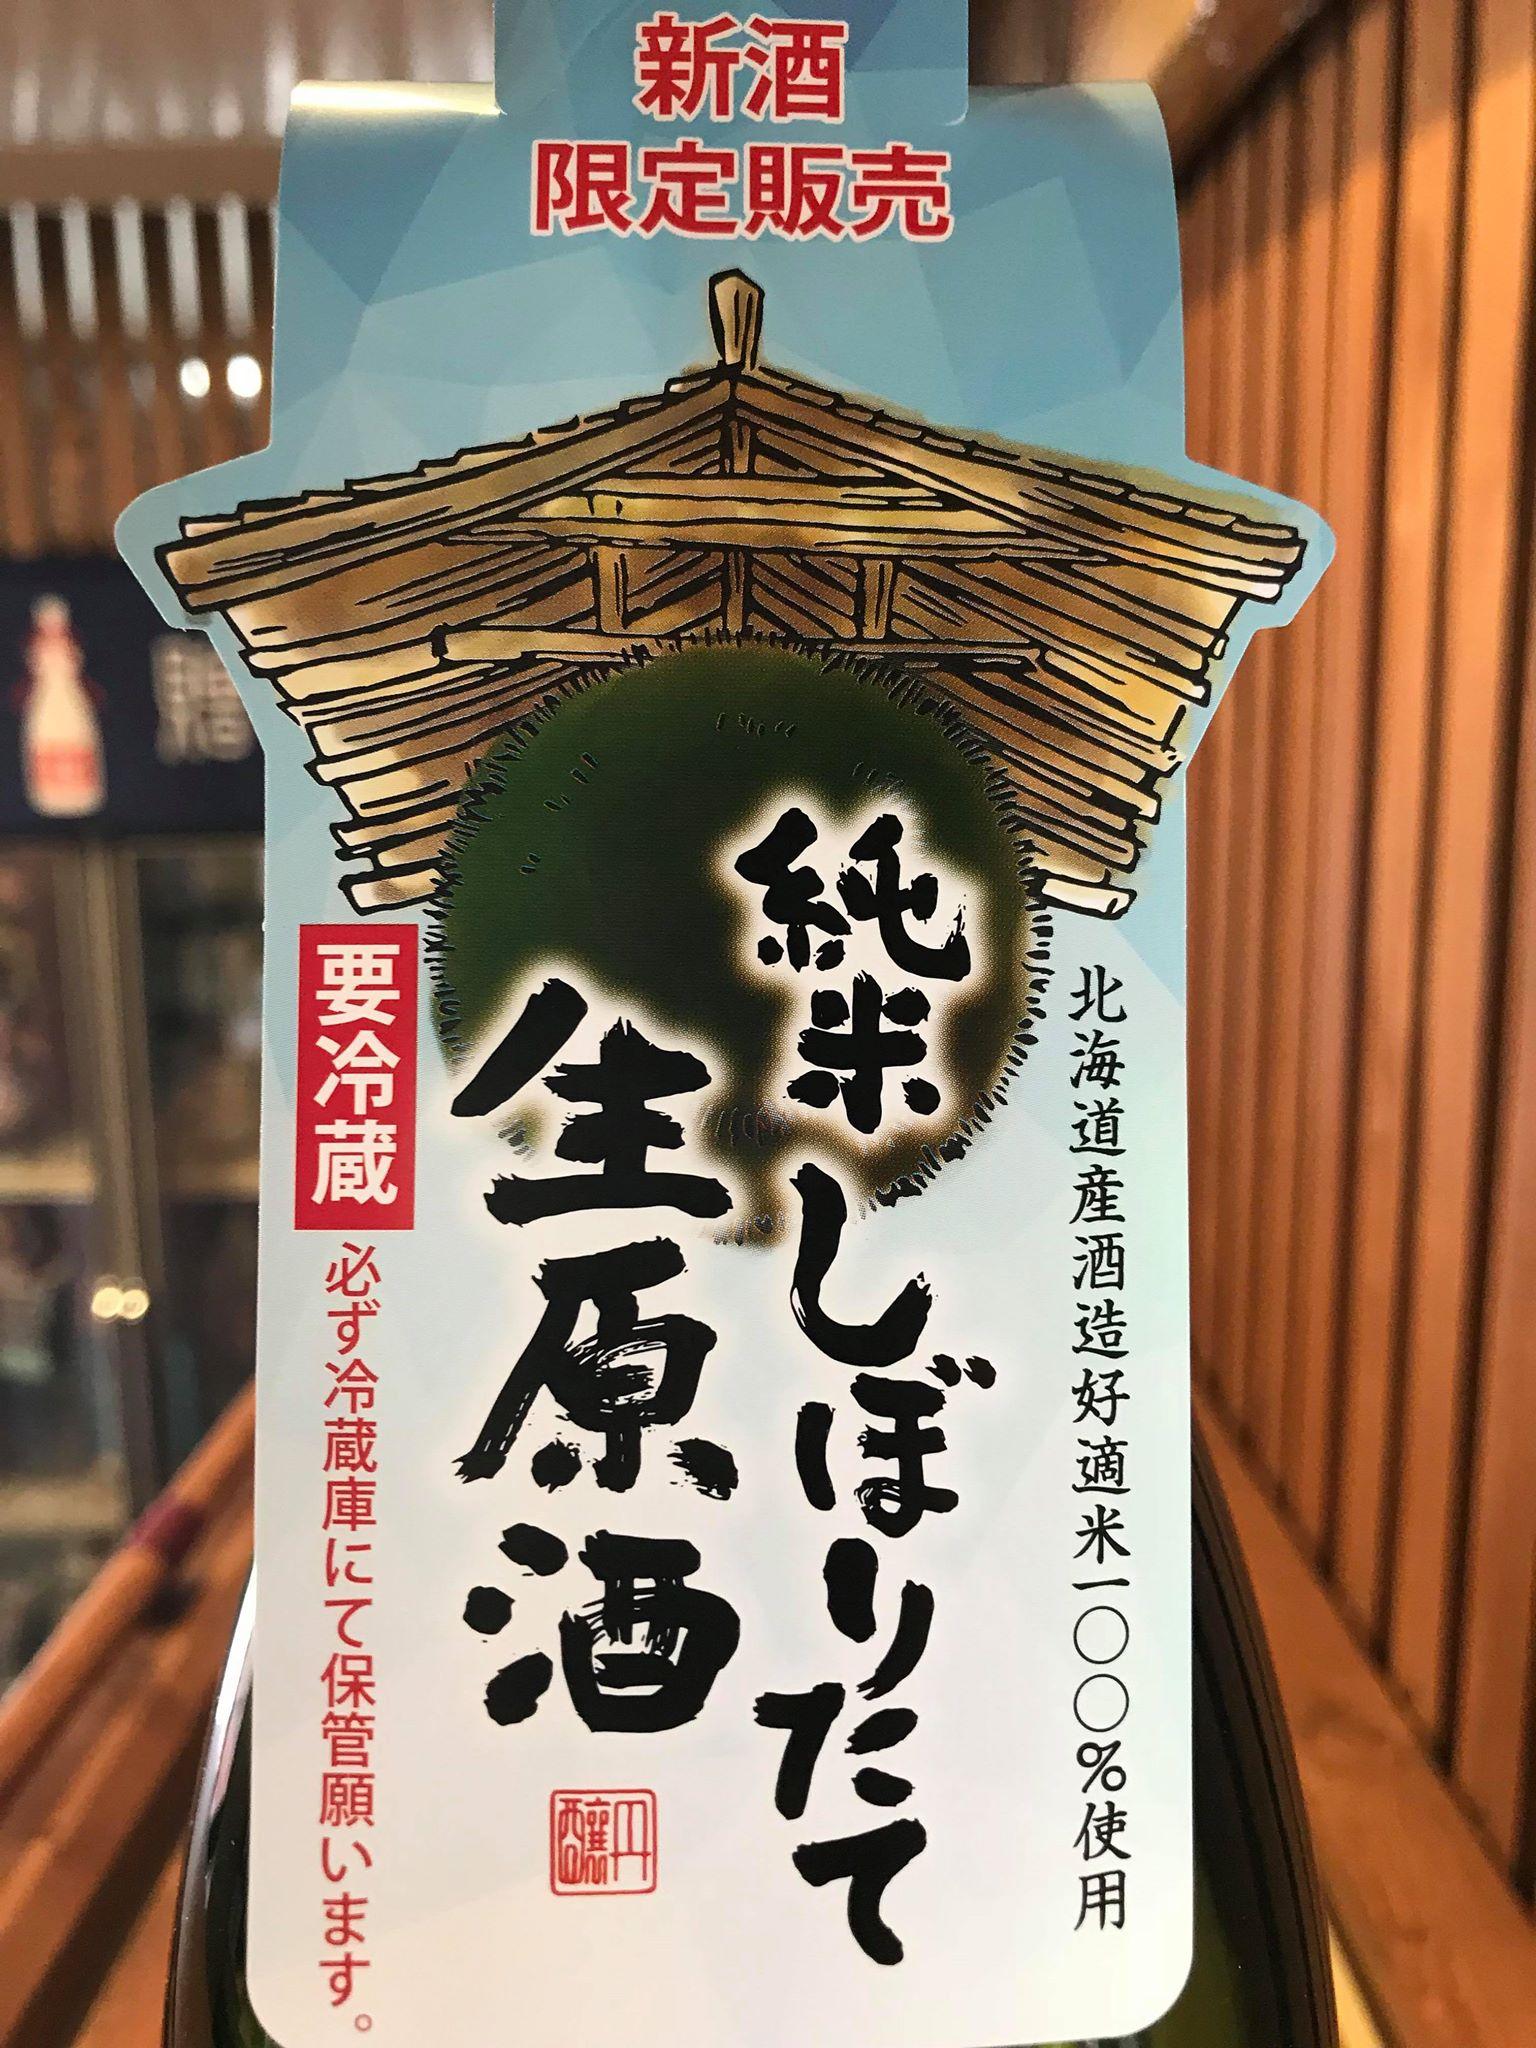 【日本酒】男山 北の稲穂 新酒しぼりたて純米 無濾過生原酒 吟風55 北海道限定SPver 新酒30BY_e0173738_9563972.jpg